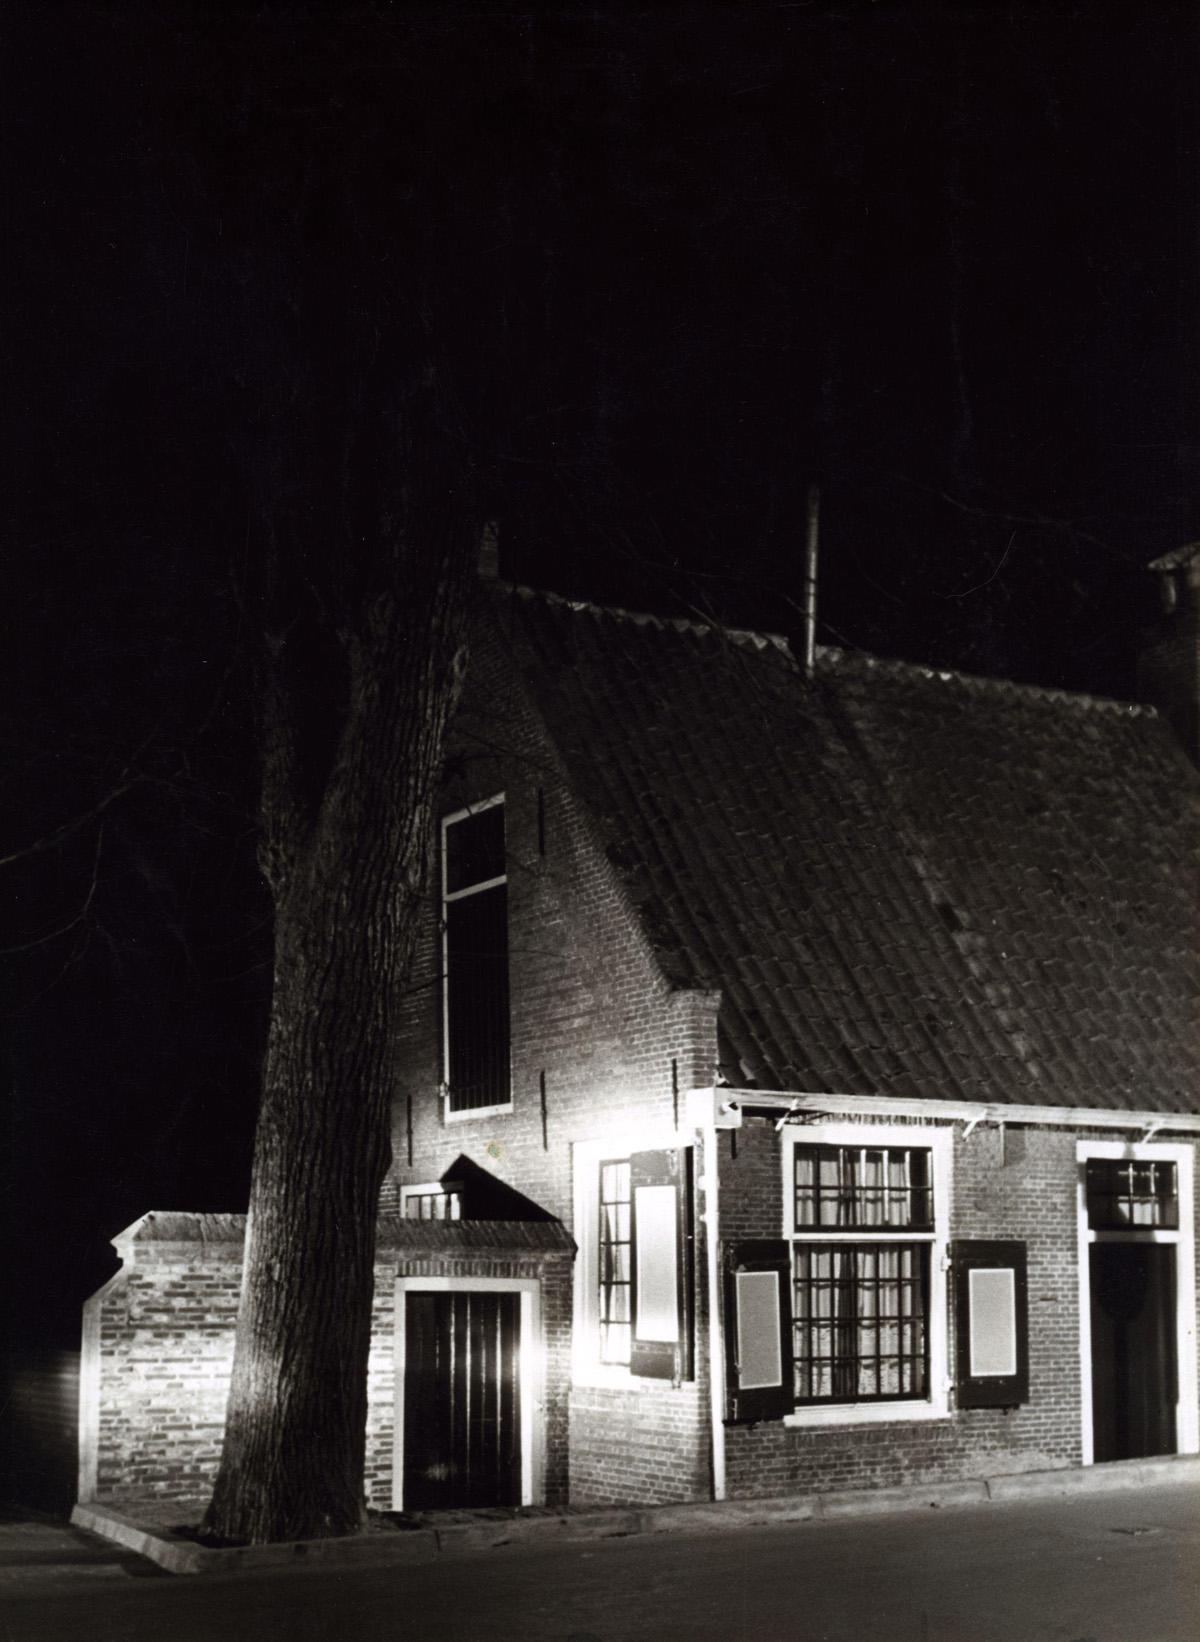 Huis in het duister waarvan de gevel is verlicht het geheugen van nederland online - Huis gevel ...